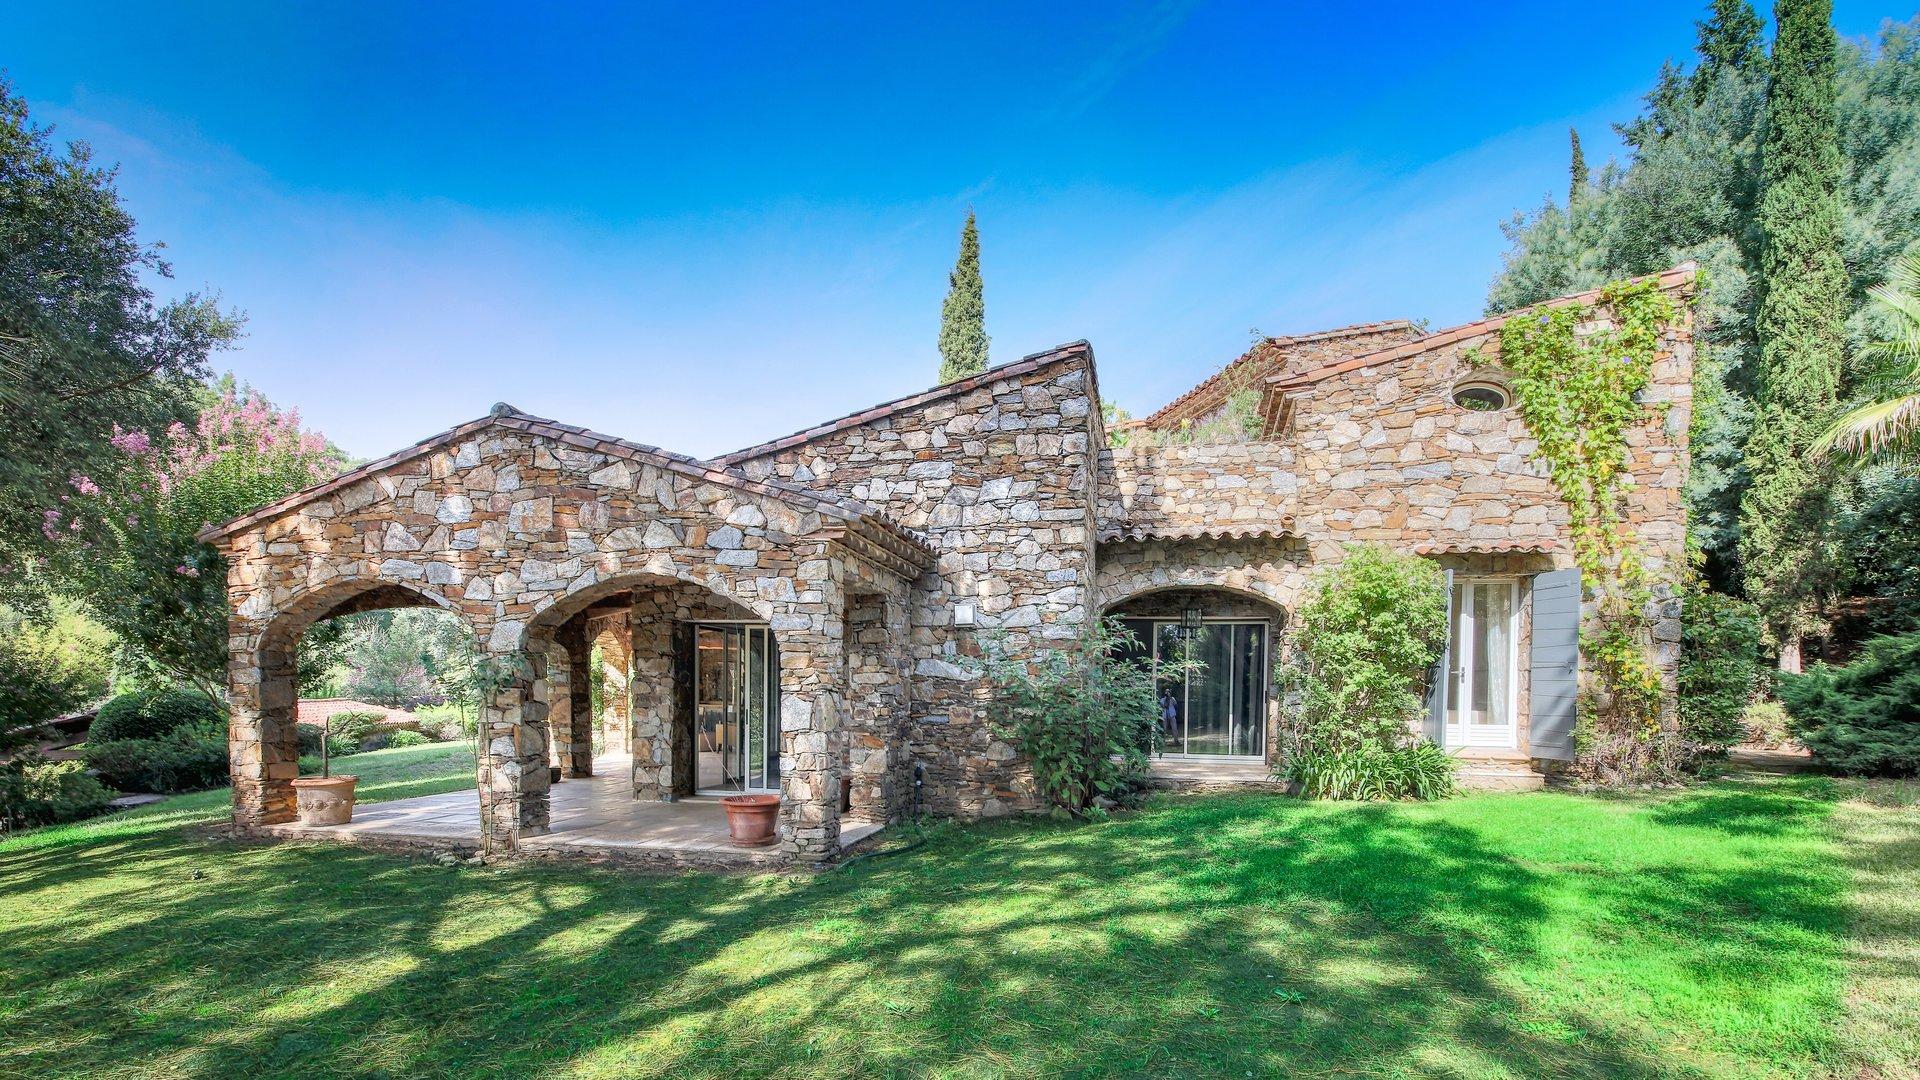 charmante-maison-pierre-a-vendre-piscine-jardin-arbore-pool-house-garages